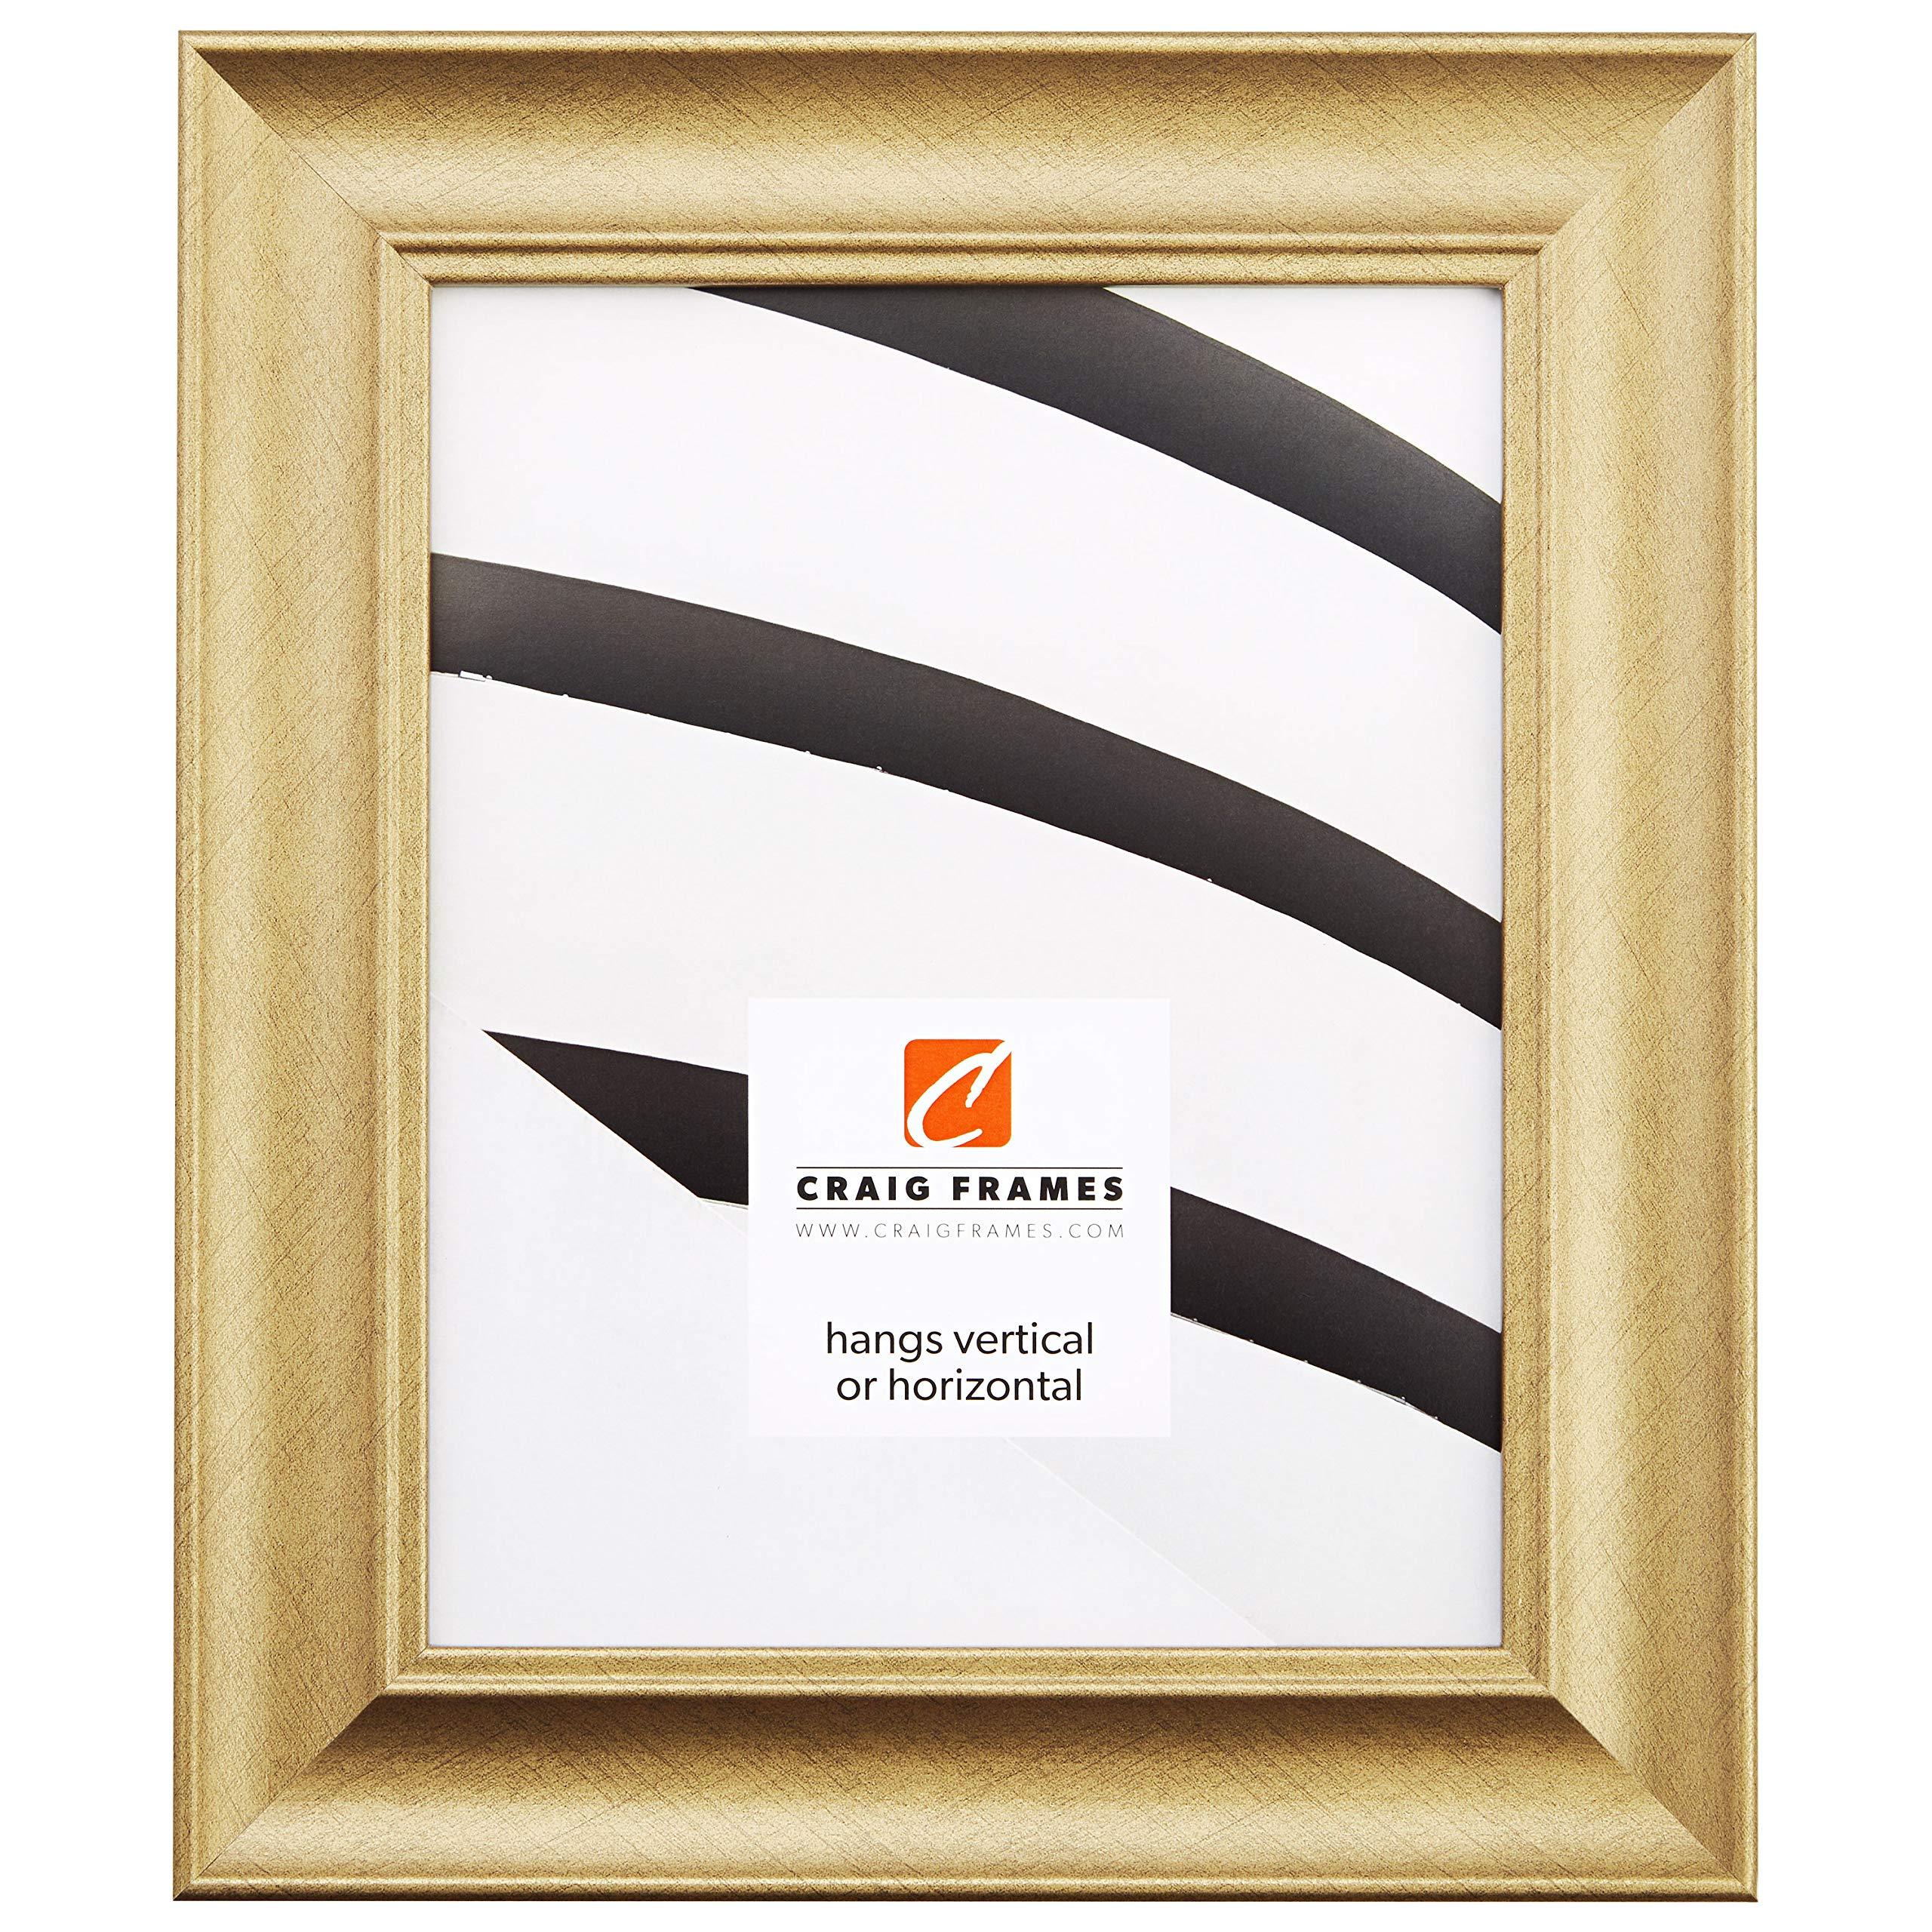 Craig Frames Vintage Revival, Brushed Gold Picture Frame, 24 x 36-Inch